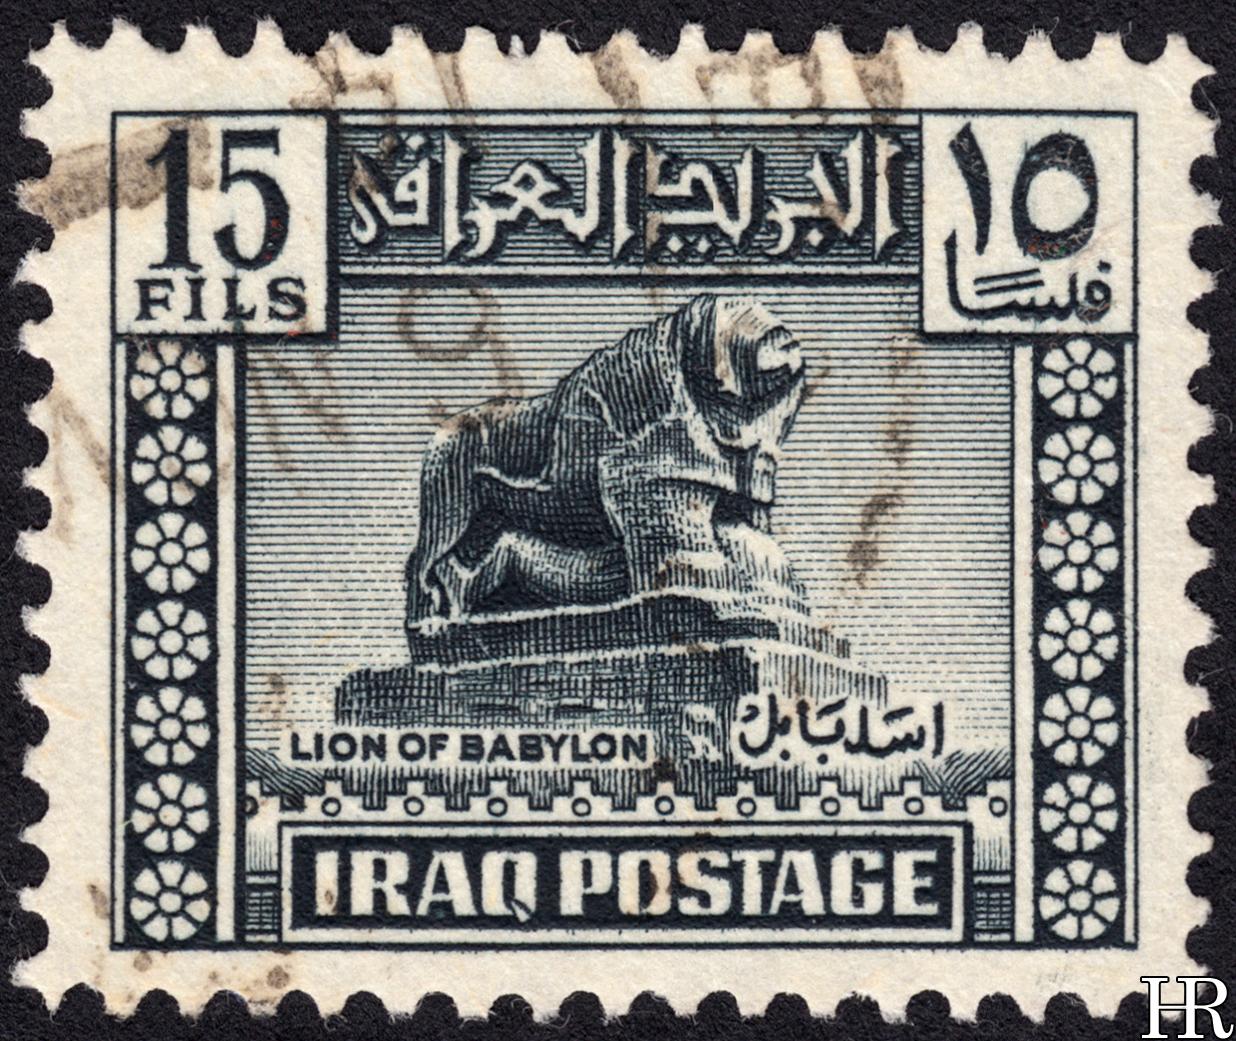 15 fils (20th February 1943)